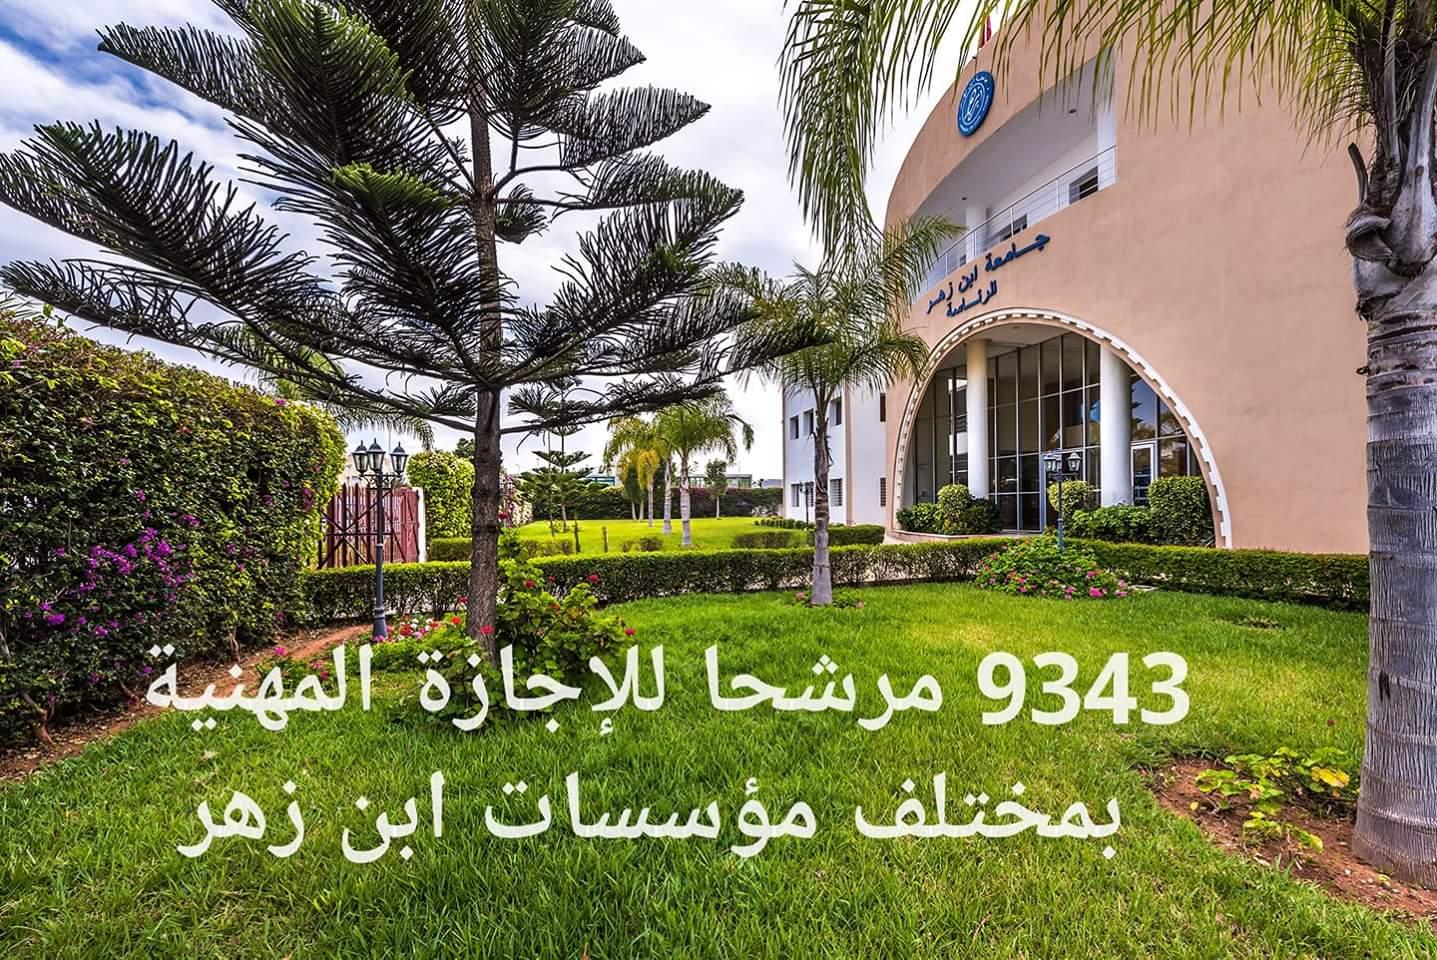 الإجازات المهنية تستقطب 9343 مرشحا بجامعة ابن زهر